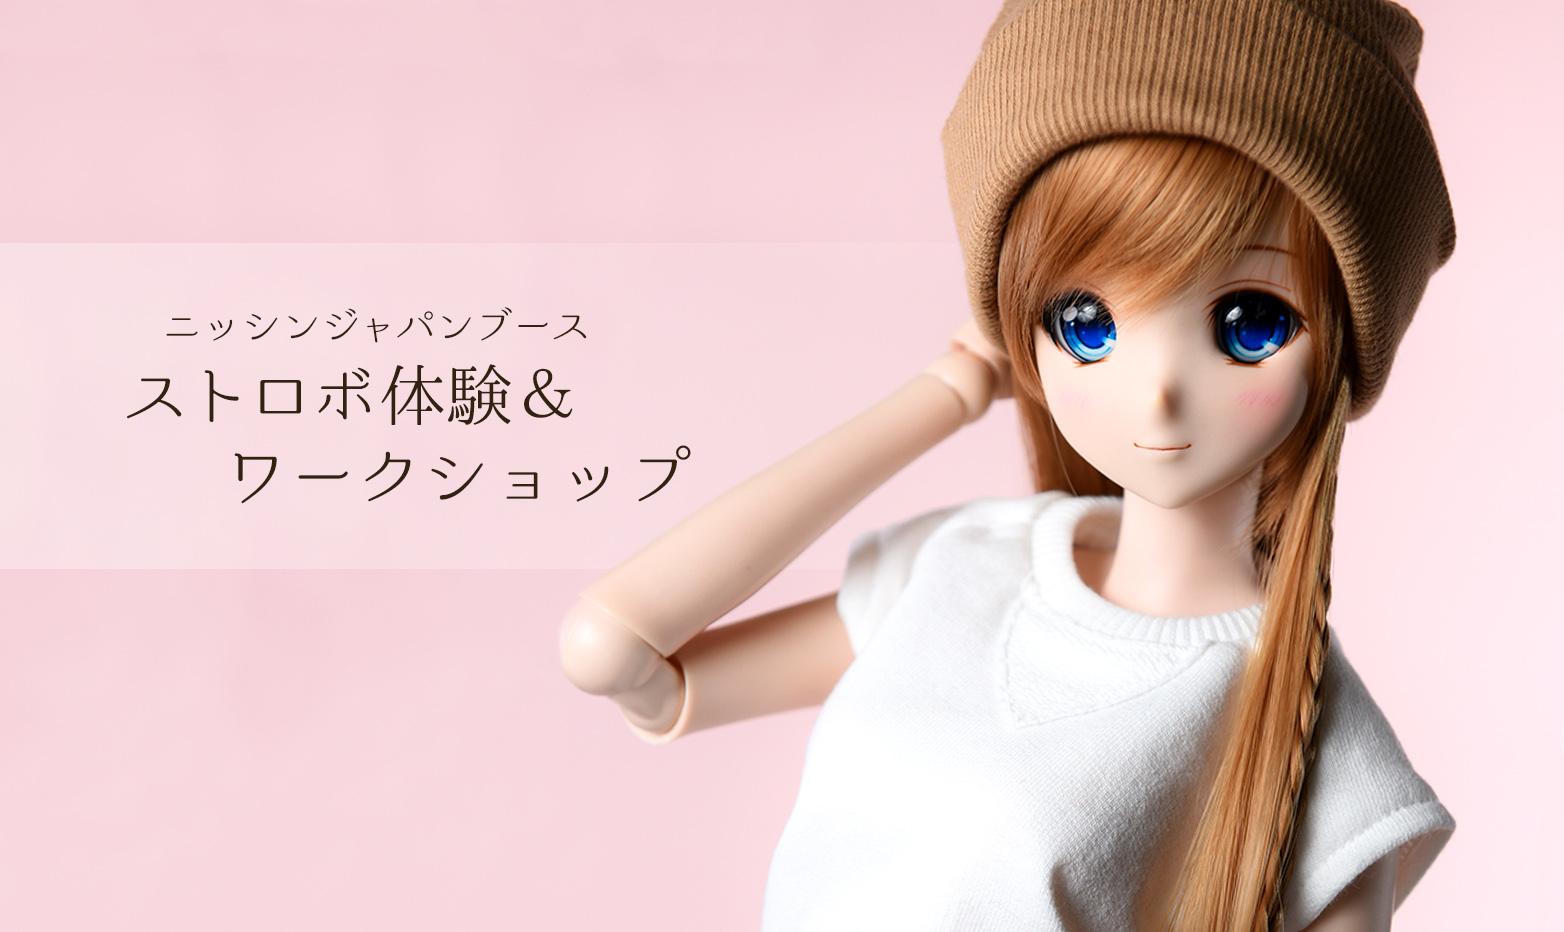 9月22日(日)【Sapporo I・Doll VOL.4】イベント出展